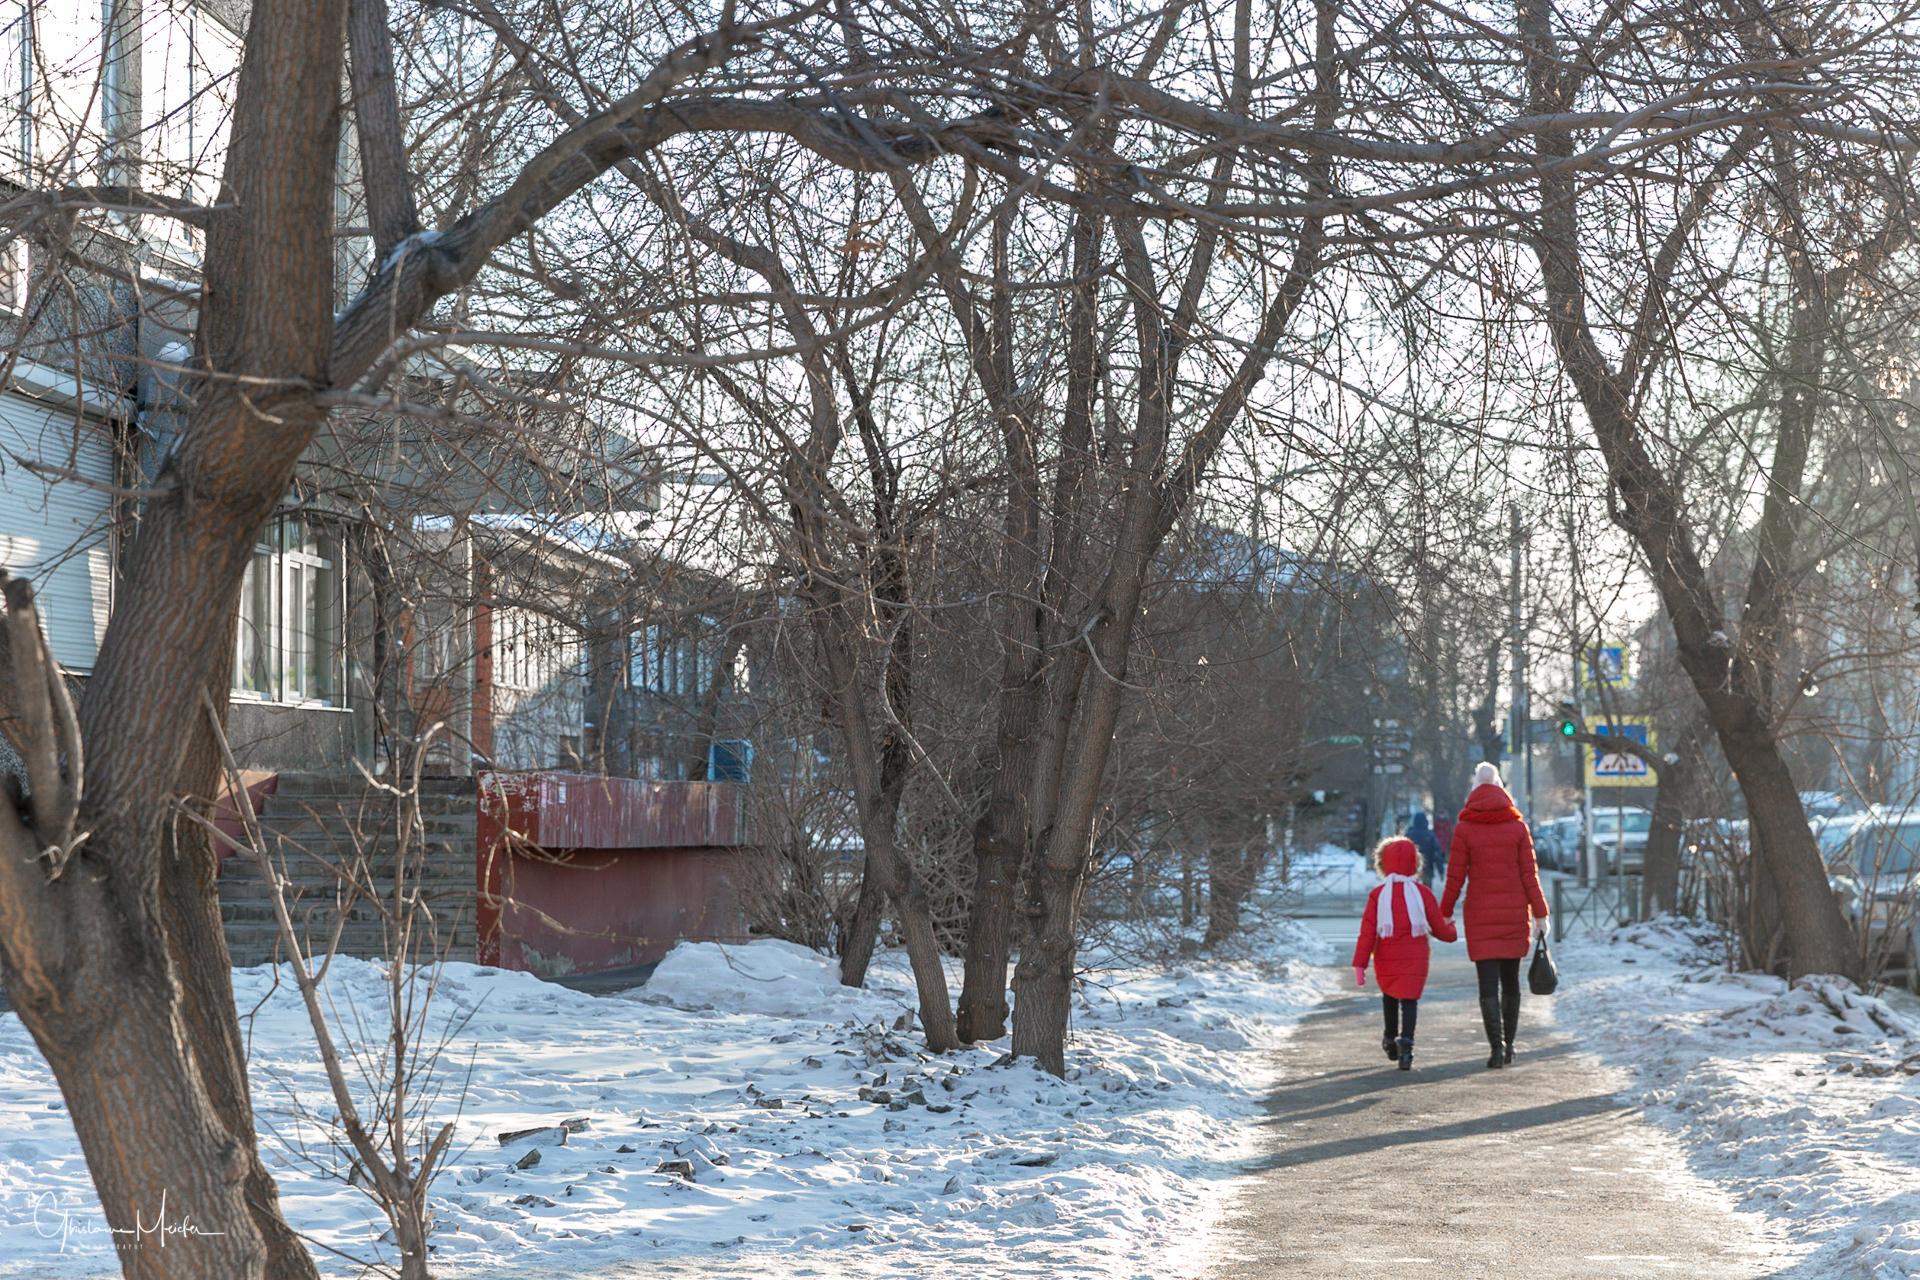 Baikal 2019-61034.jpg